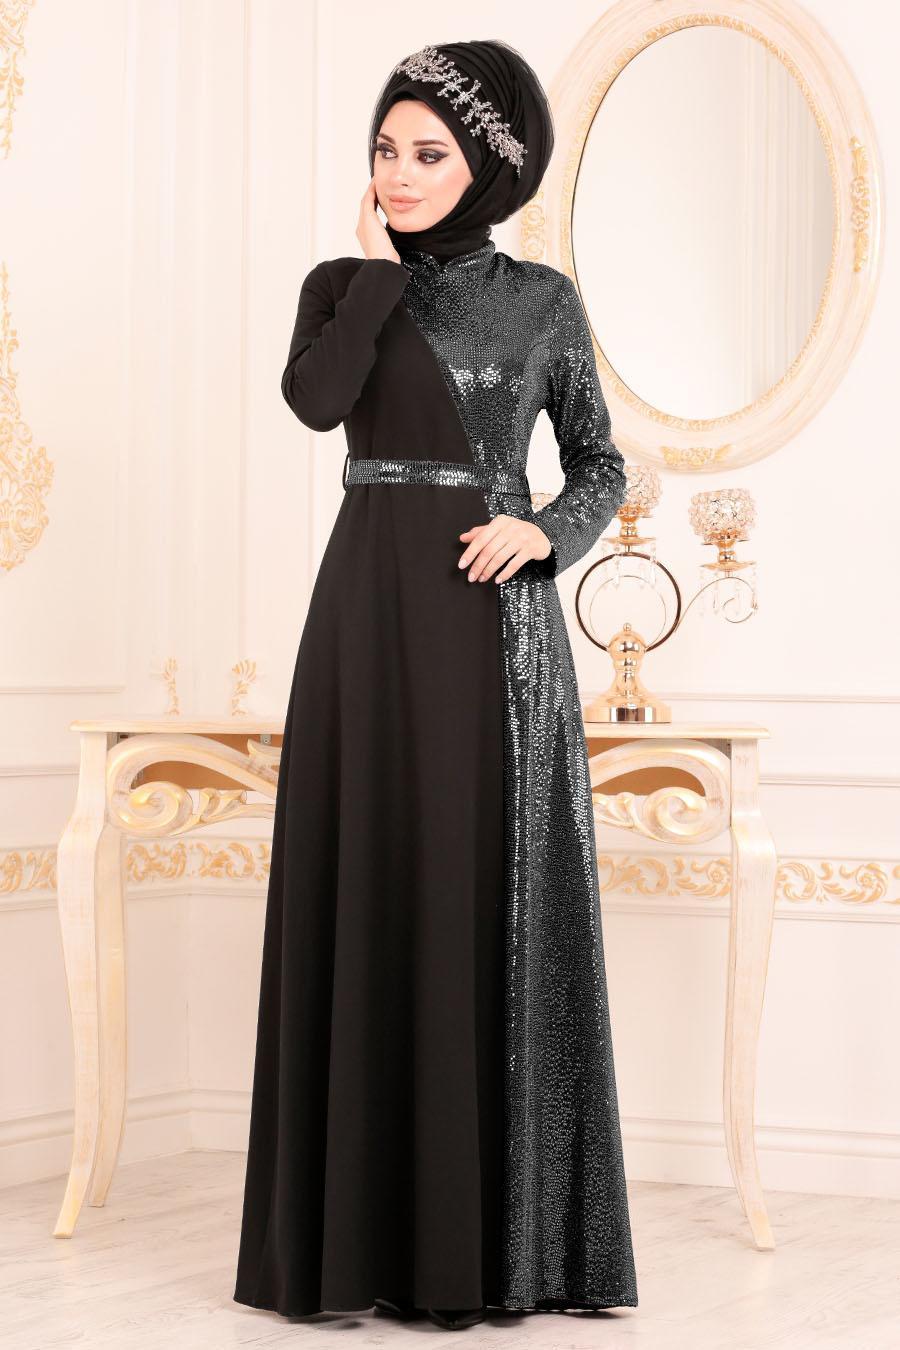 Tesettürlü Abiye Elbise - Kemerli Siyah Tesettür Abiye Elbise 1234S